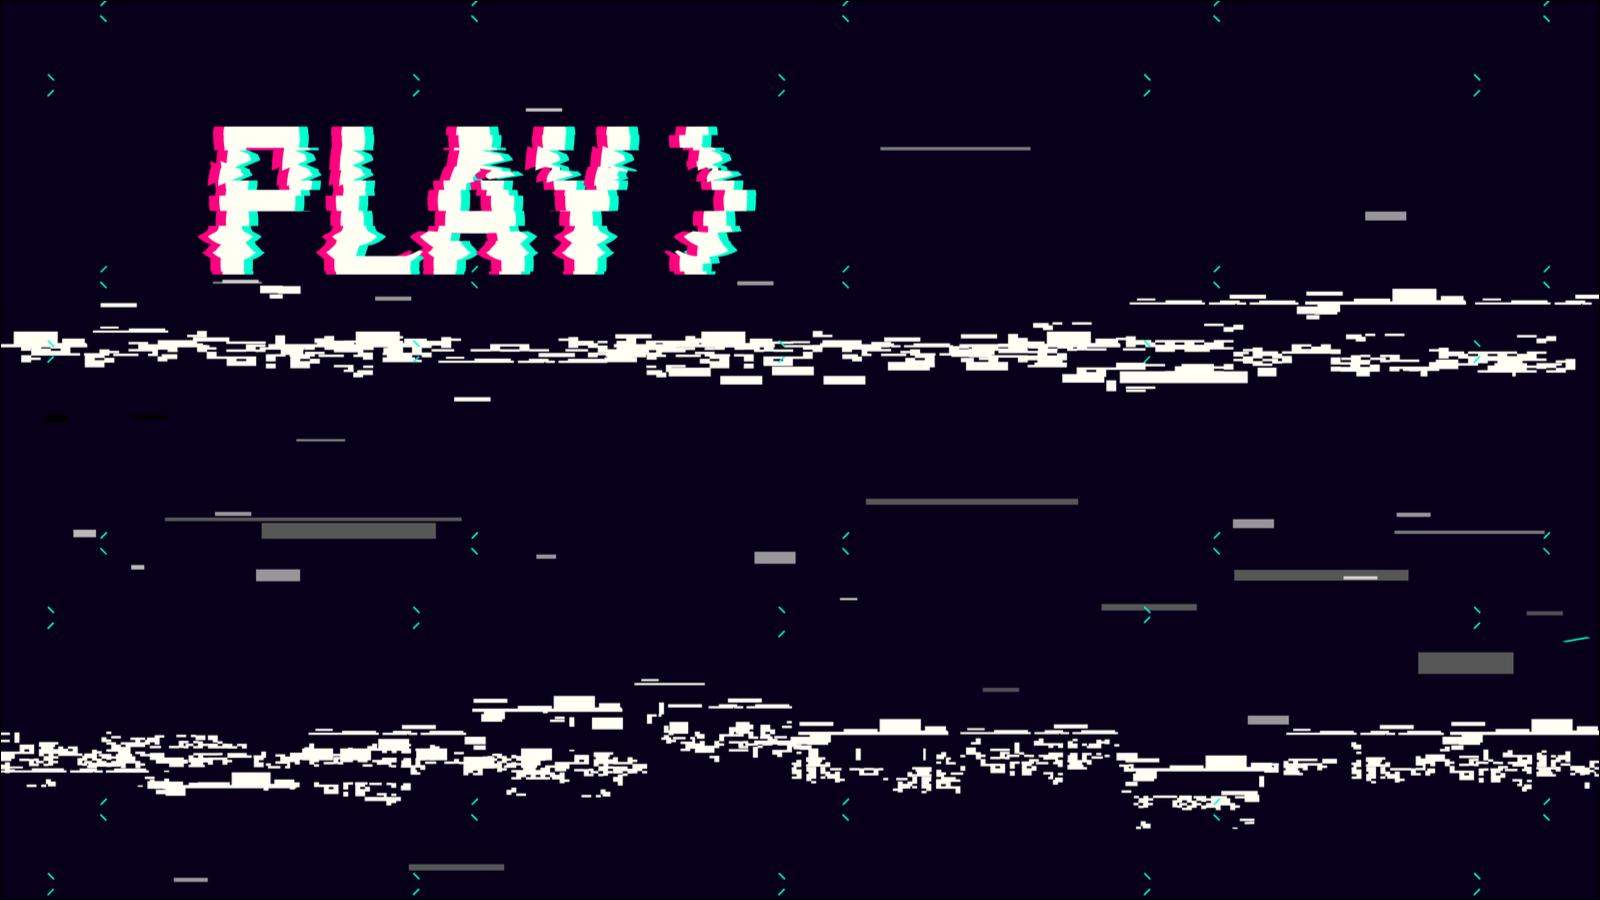 Wiedergabebildschirm im VHS-Stil